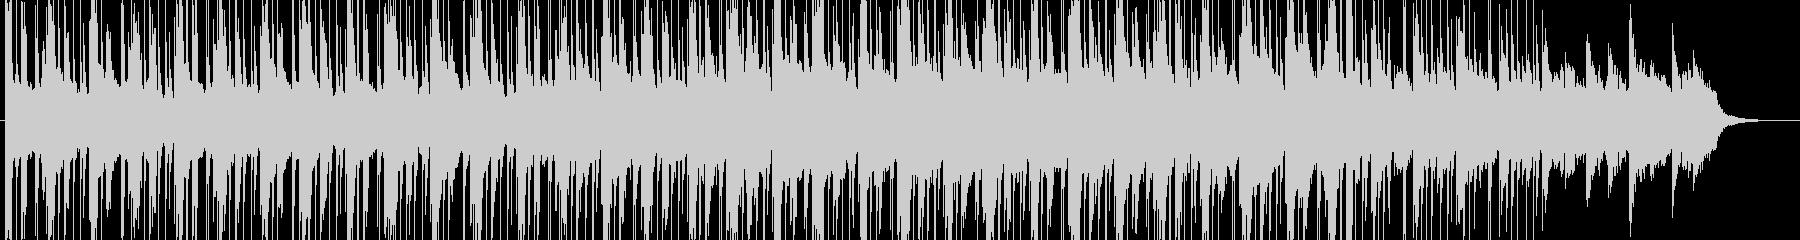 ローファイなHiphopの未再生の波形